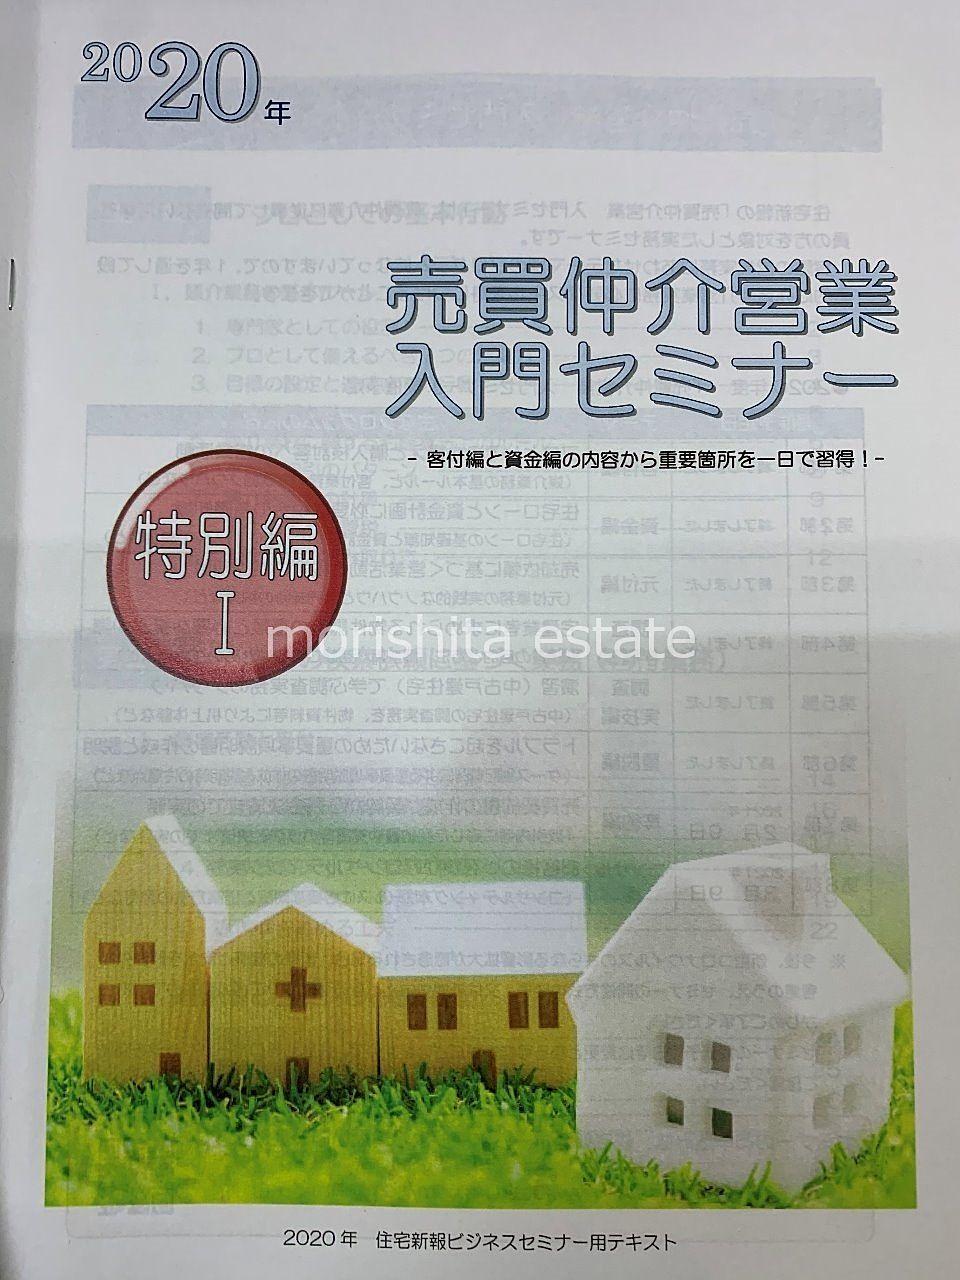 不動産 住宅新報 売買仲介入門セミナー 住宅ローン